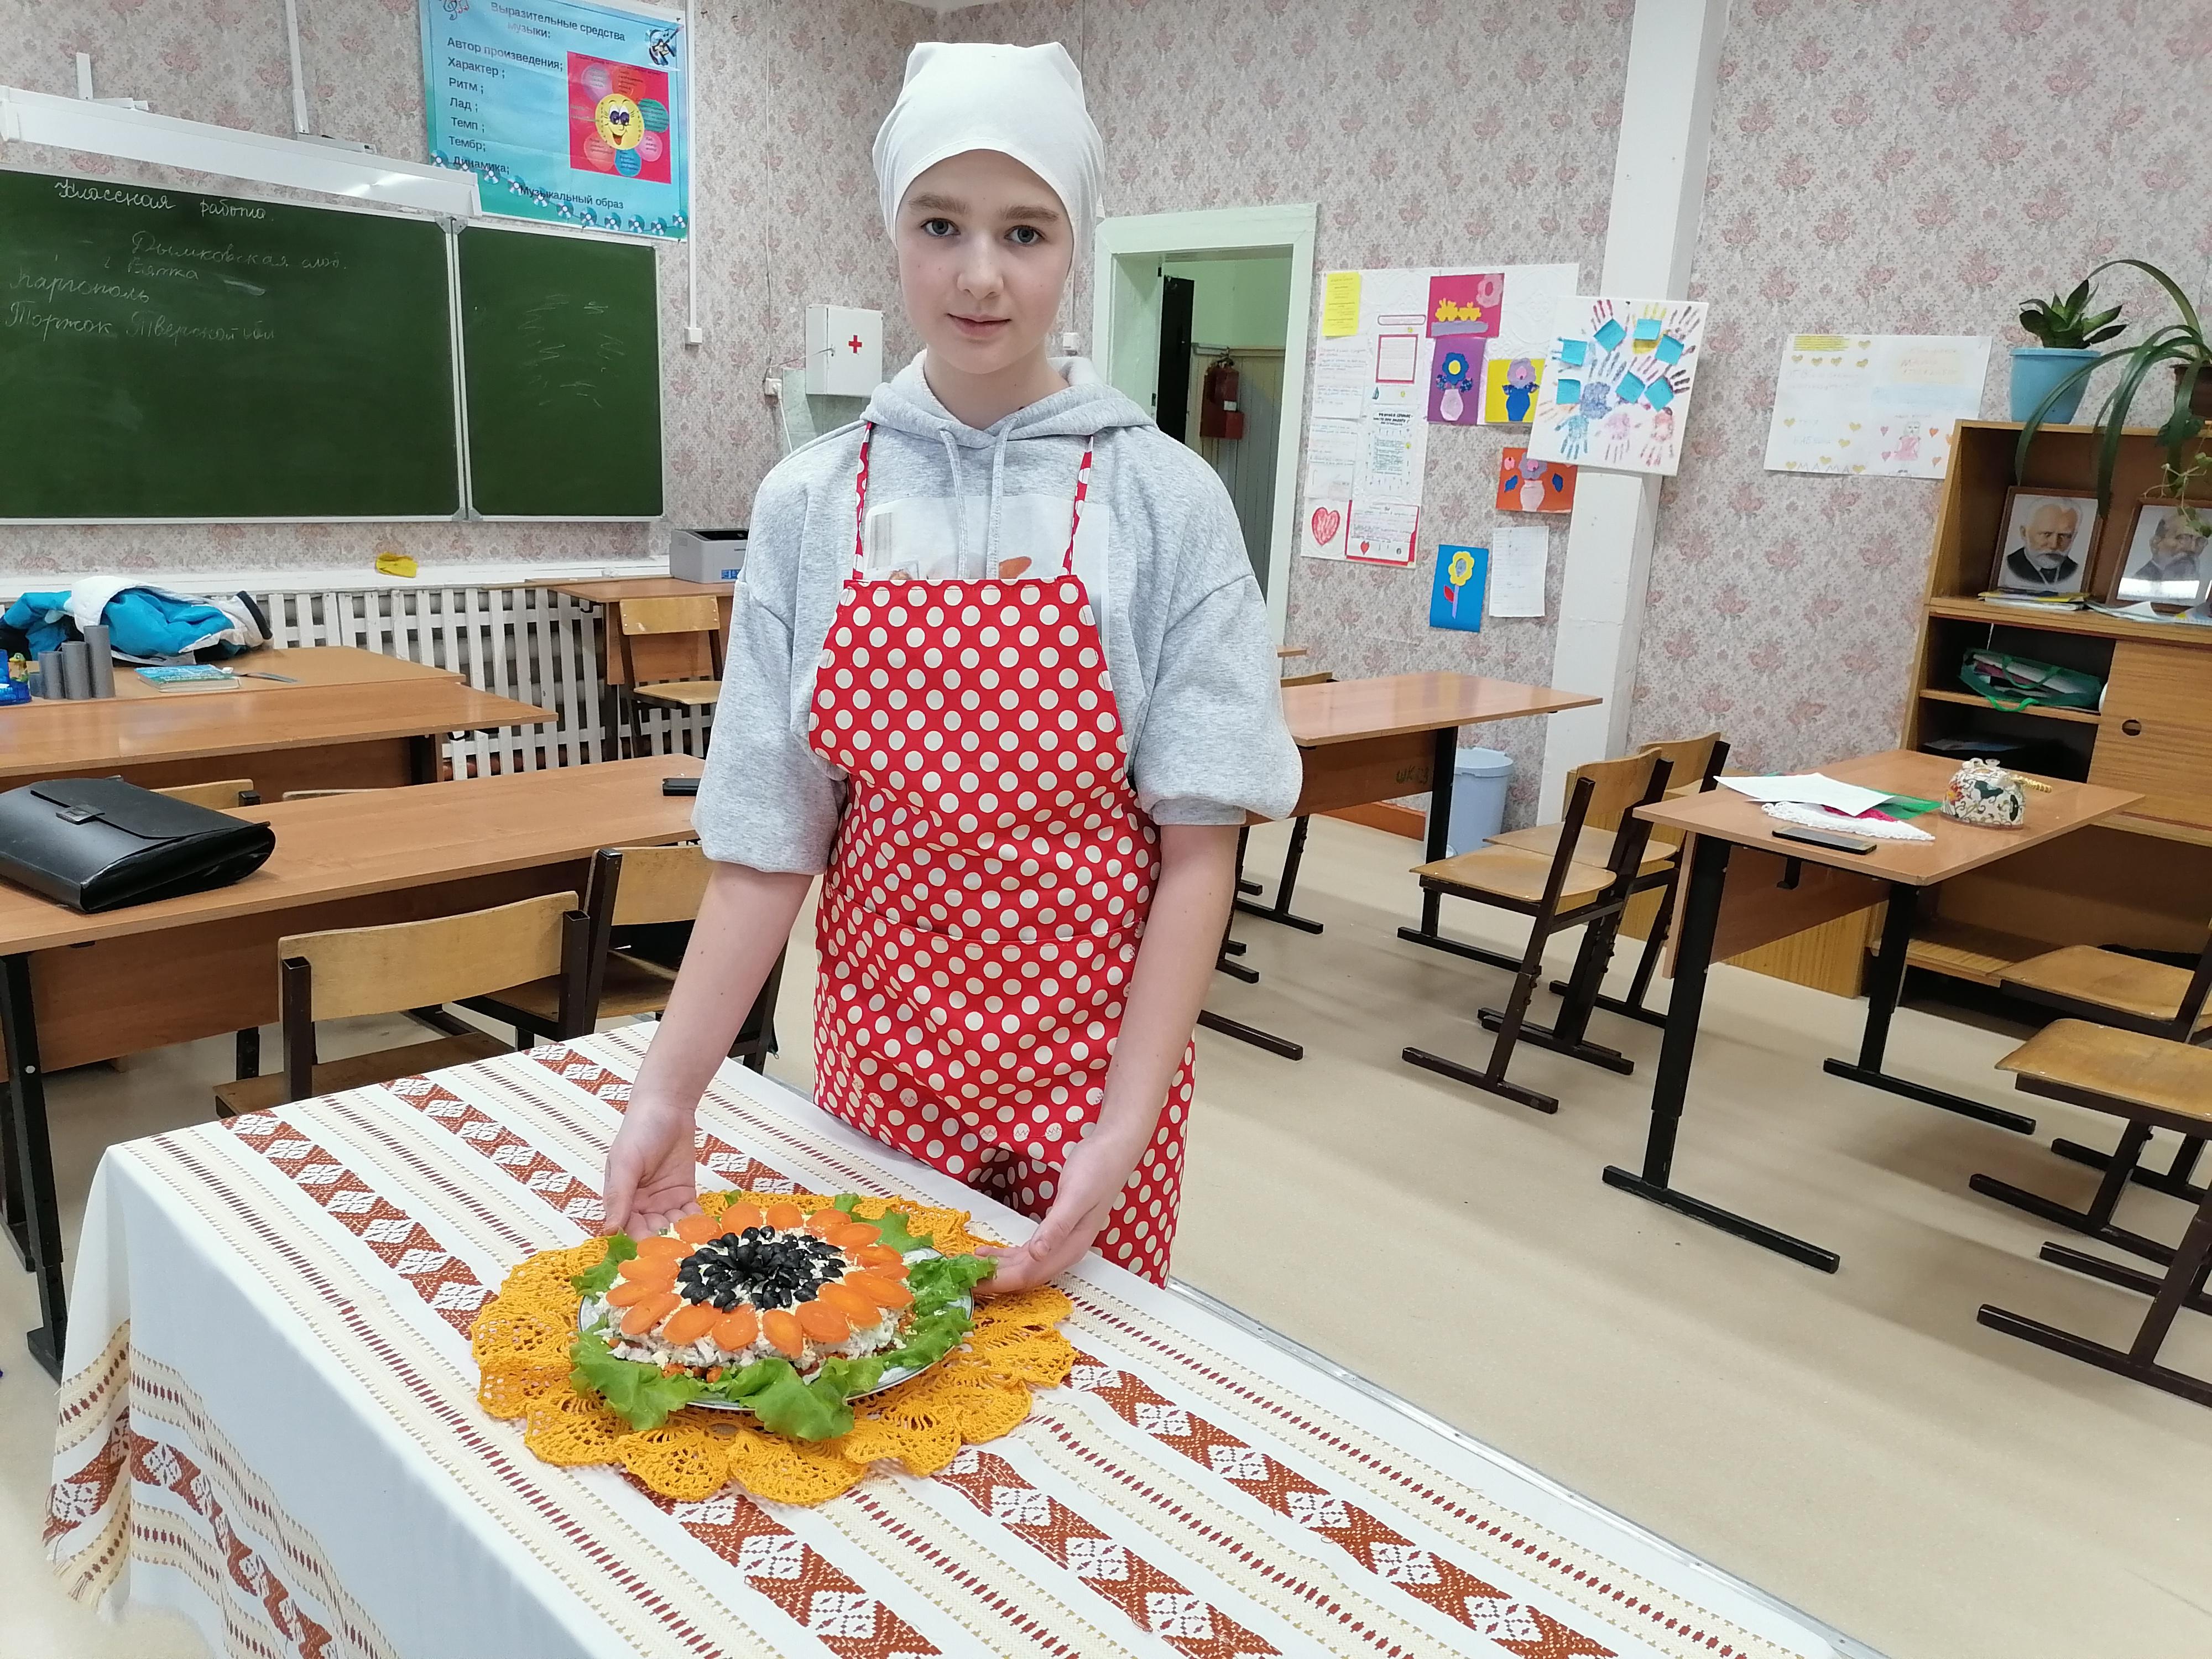 Подведены итоги интернет-конкурса детского кулинарного творчества «Шедевры для мамы»»